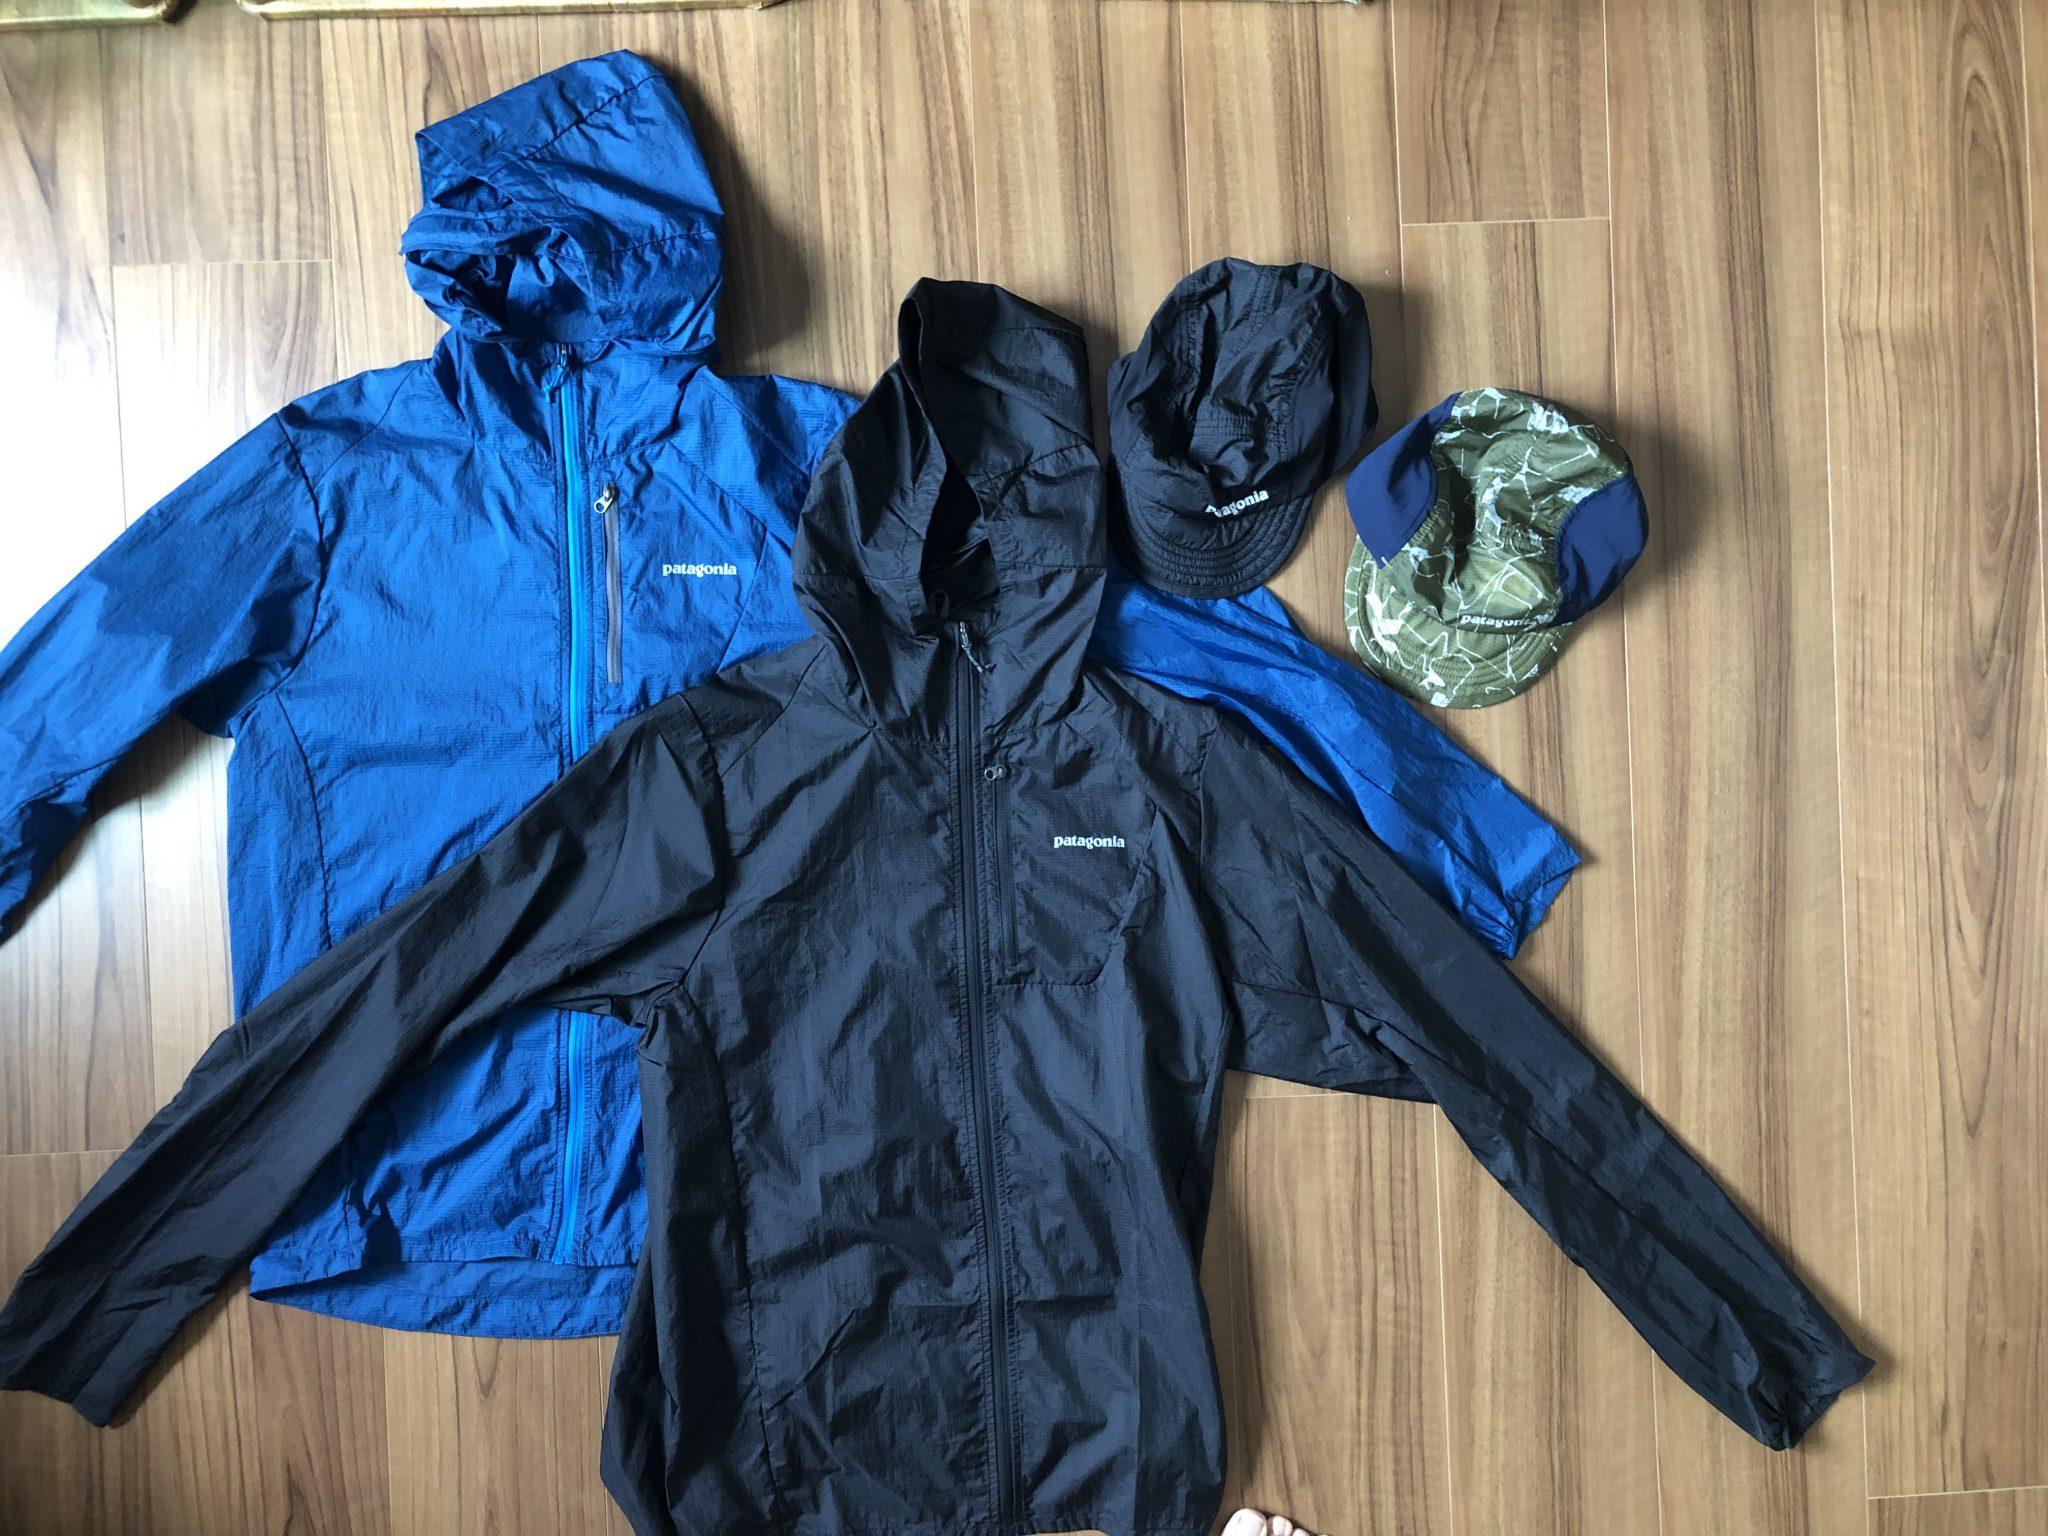 パタゴニア(Patagonia)のアウトレット店でフーディニジャケットとエアディニキャップを買い足ししてきました